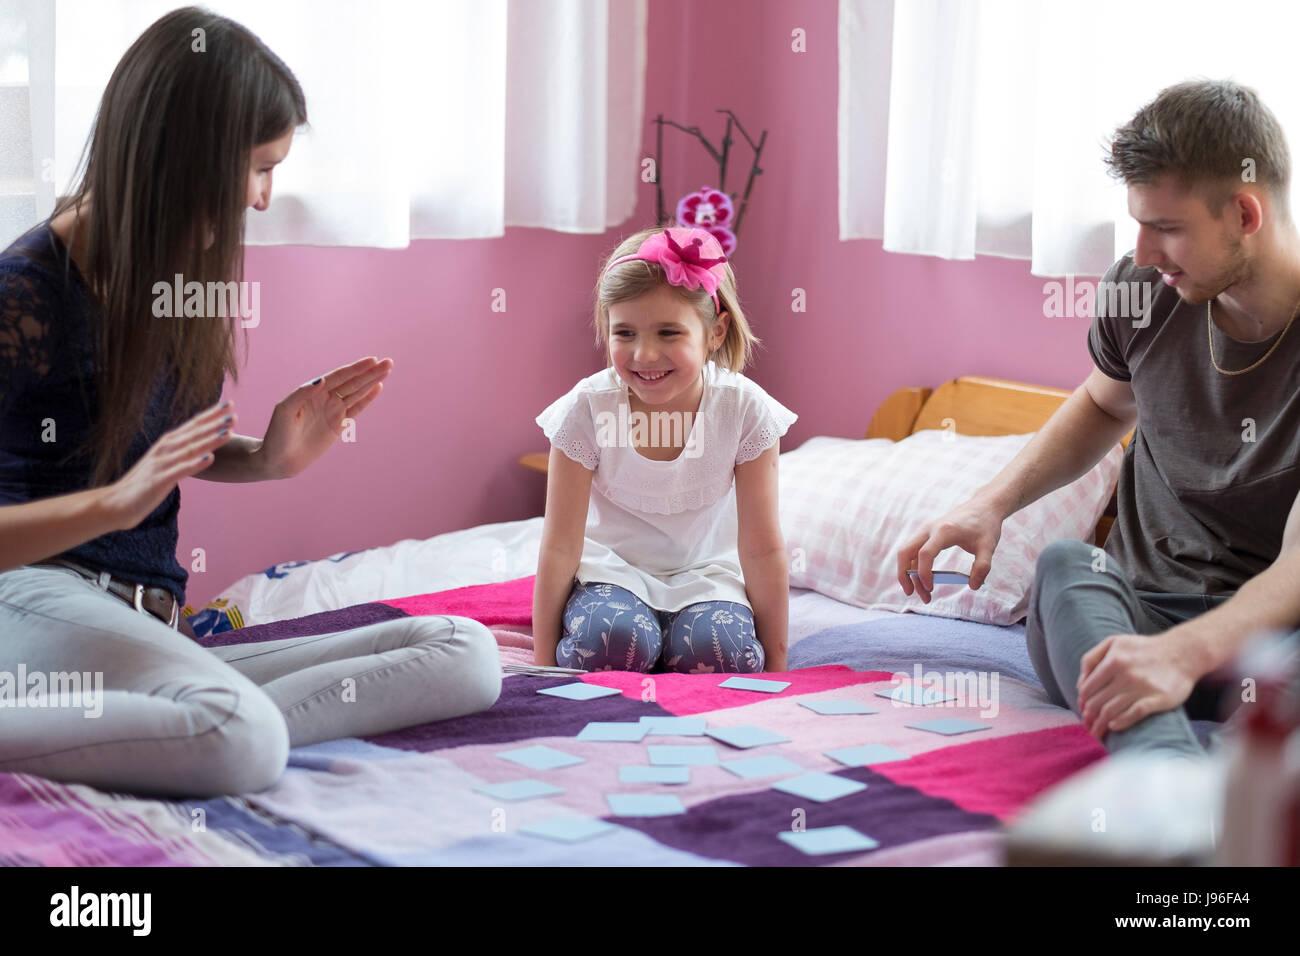 Mãe e filha jogando na cama. Conceito de diversão em família Imagens de Stock